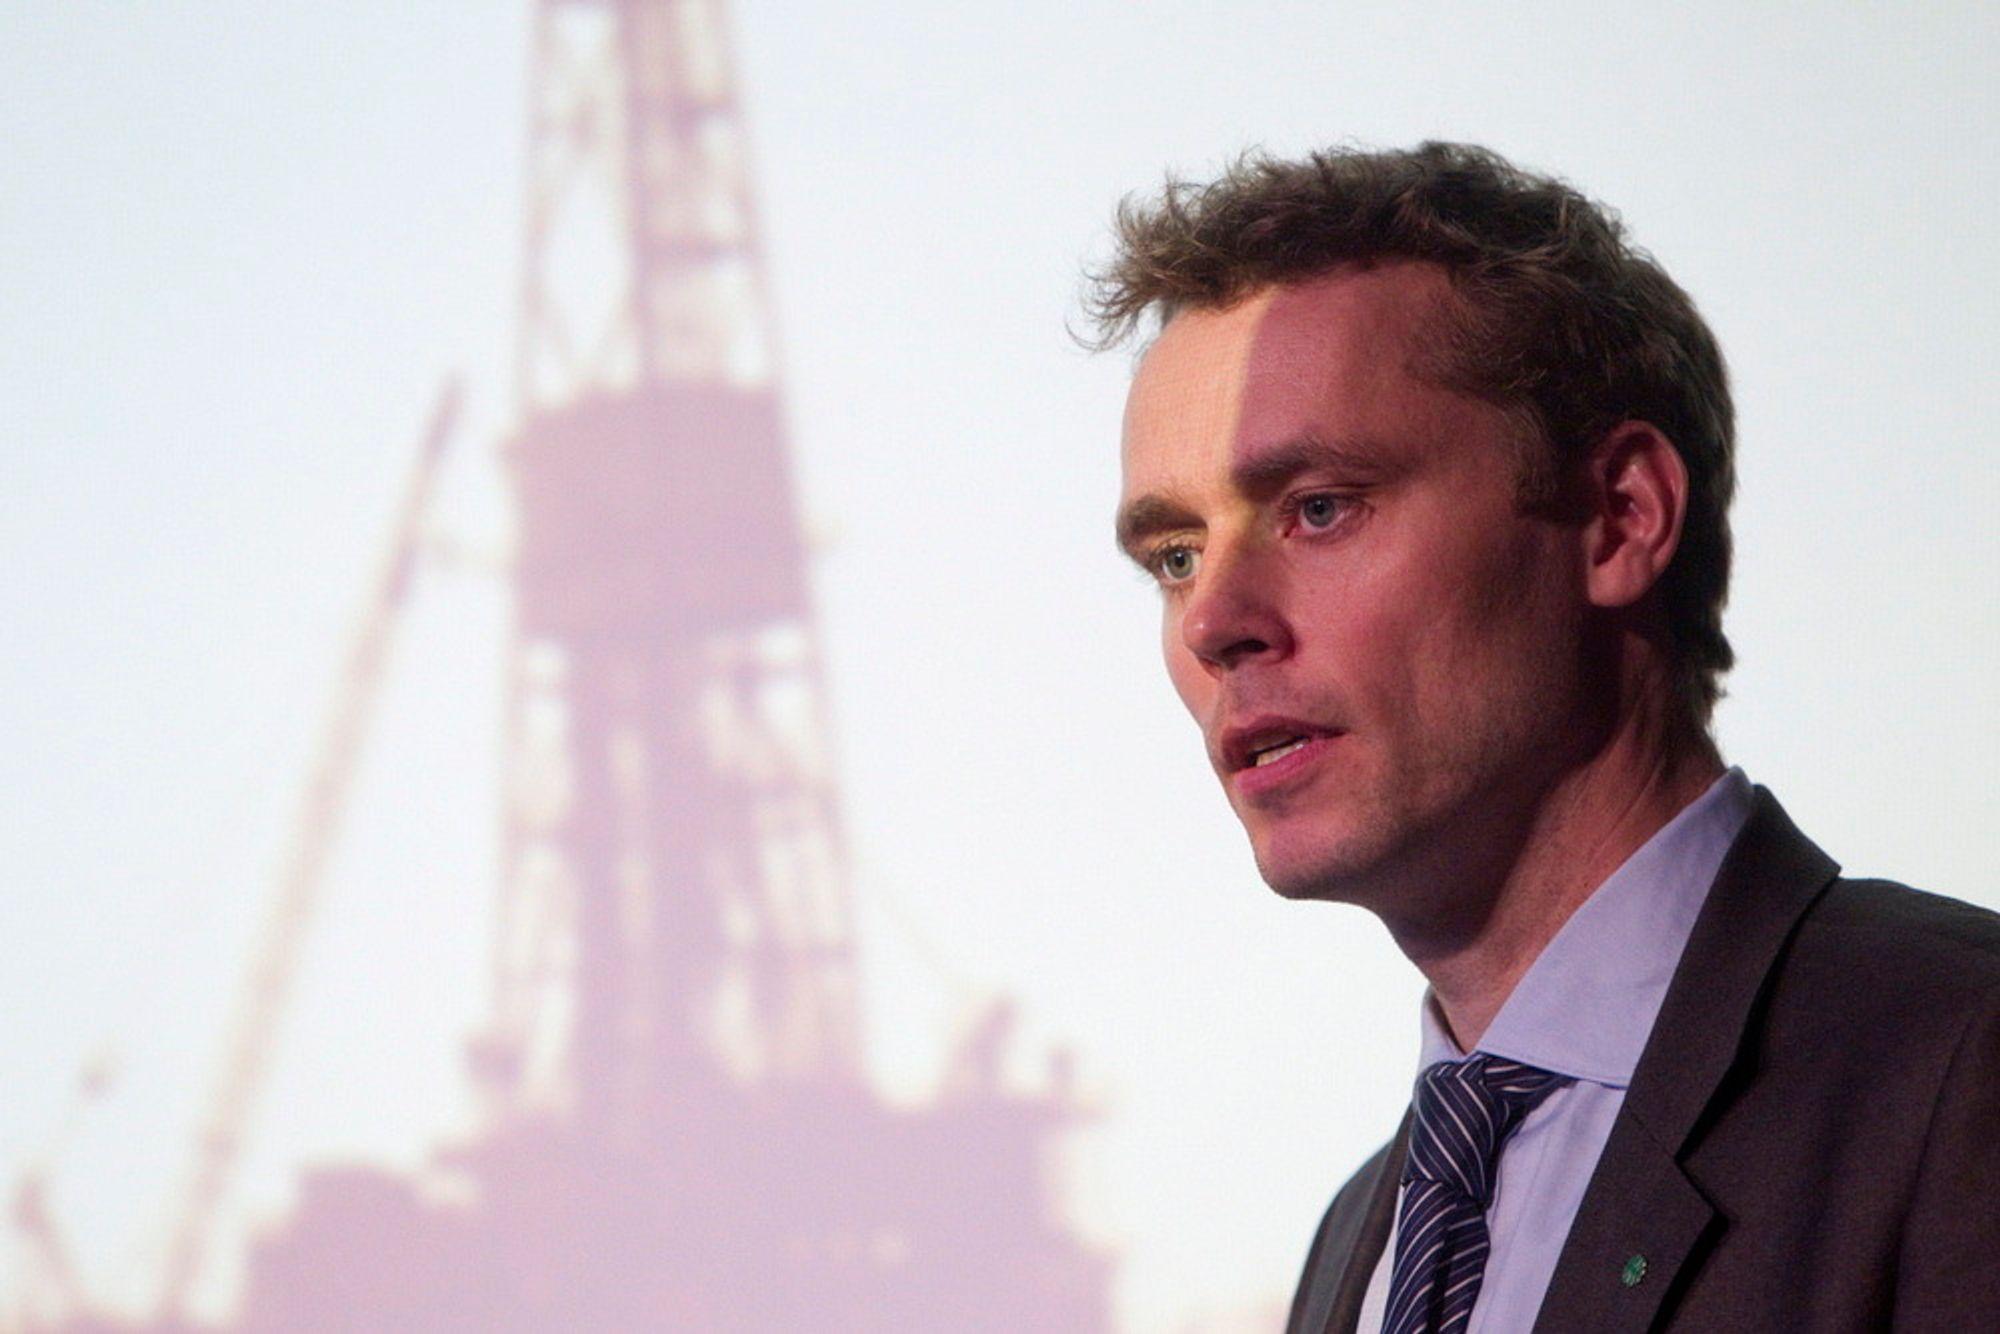 Olje- og energiminister Ola Borten Moe mener tre nye prosjekter vil få stor betydning for området.